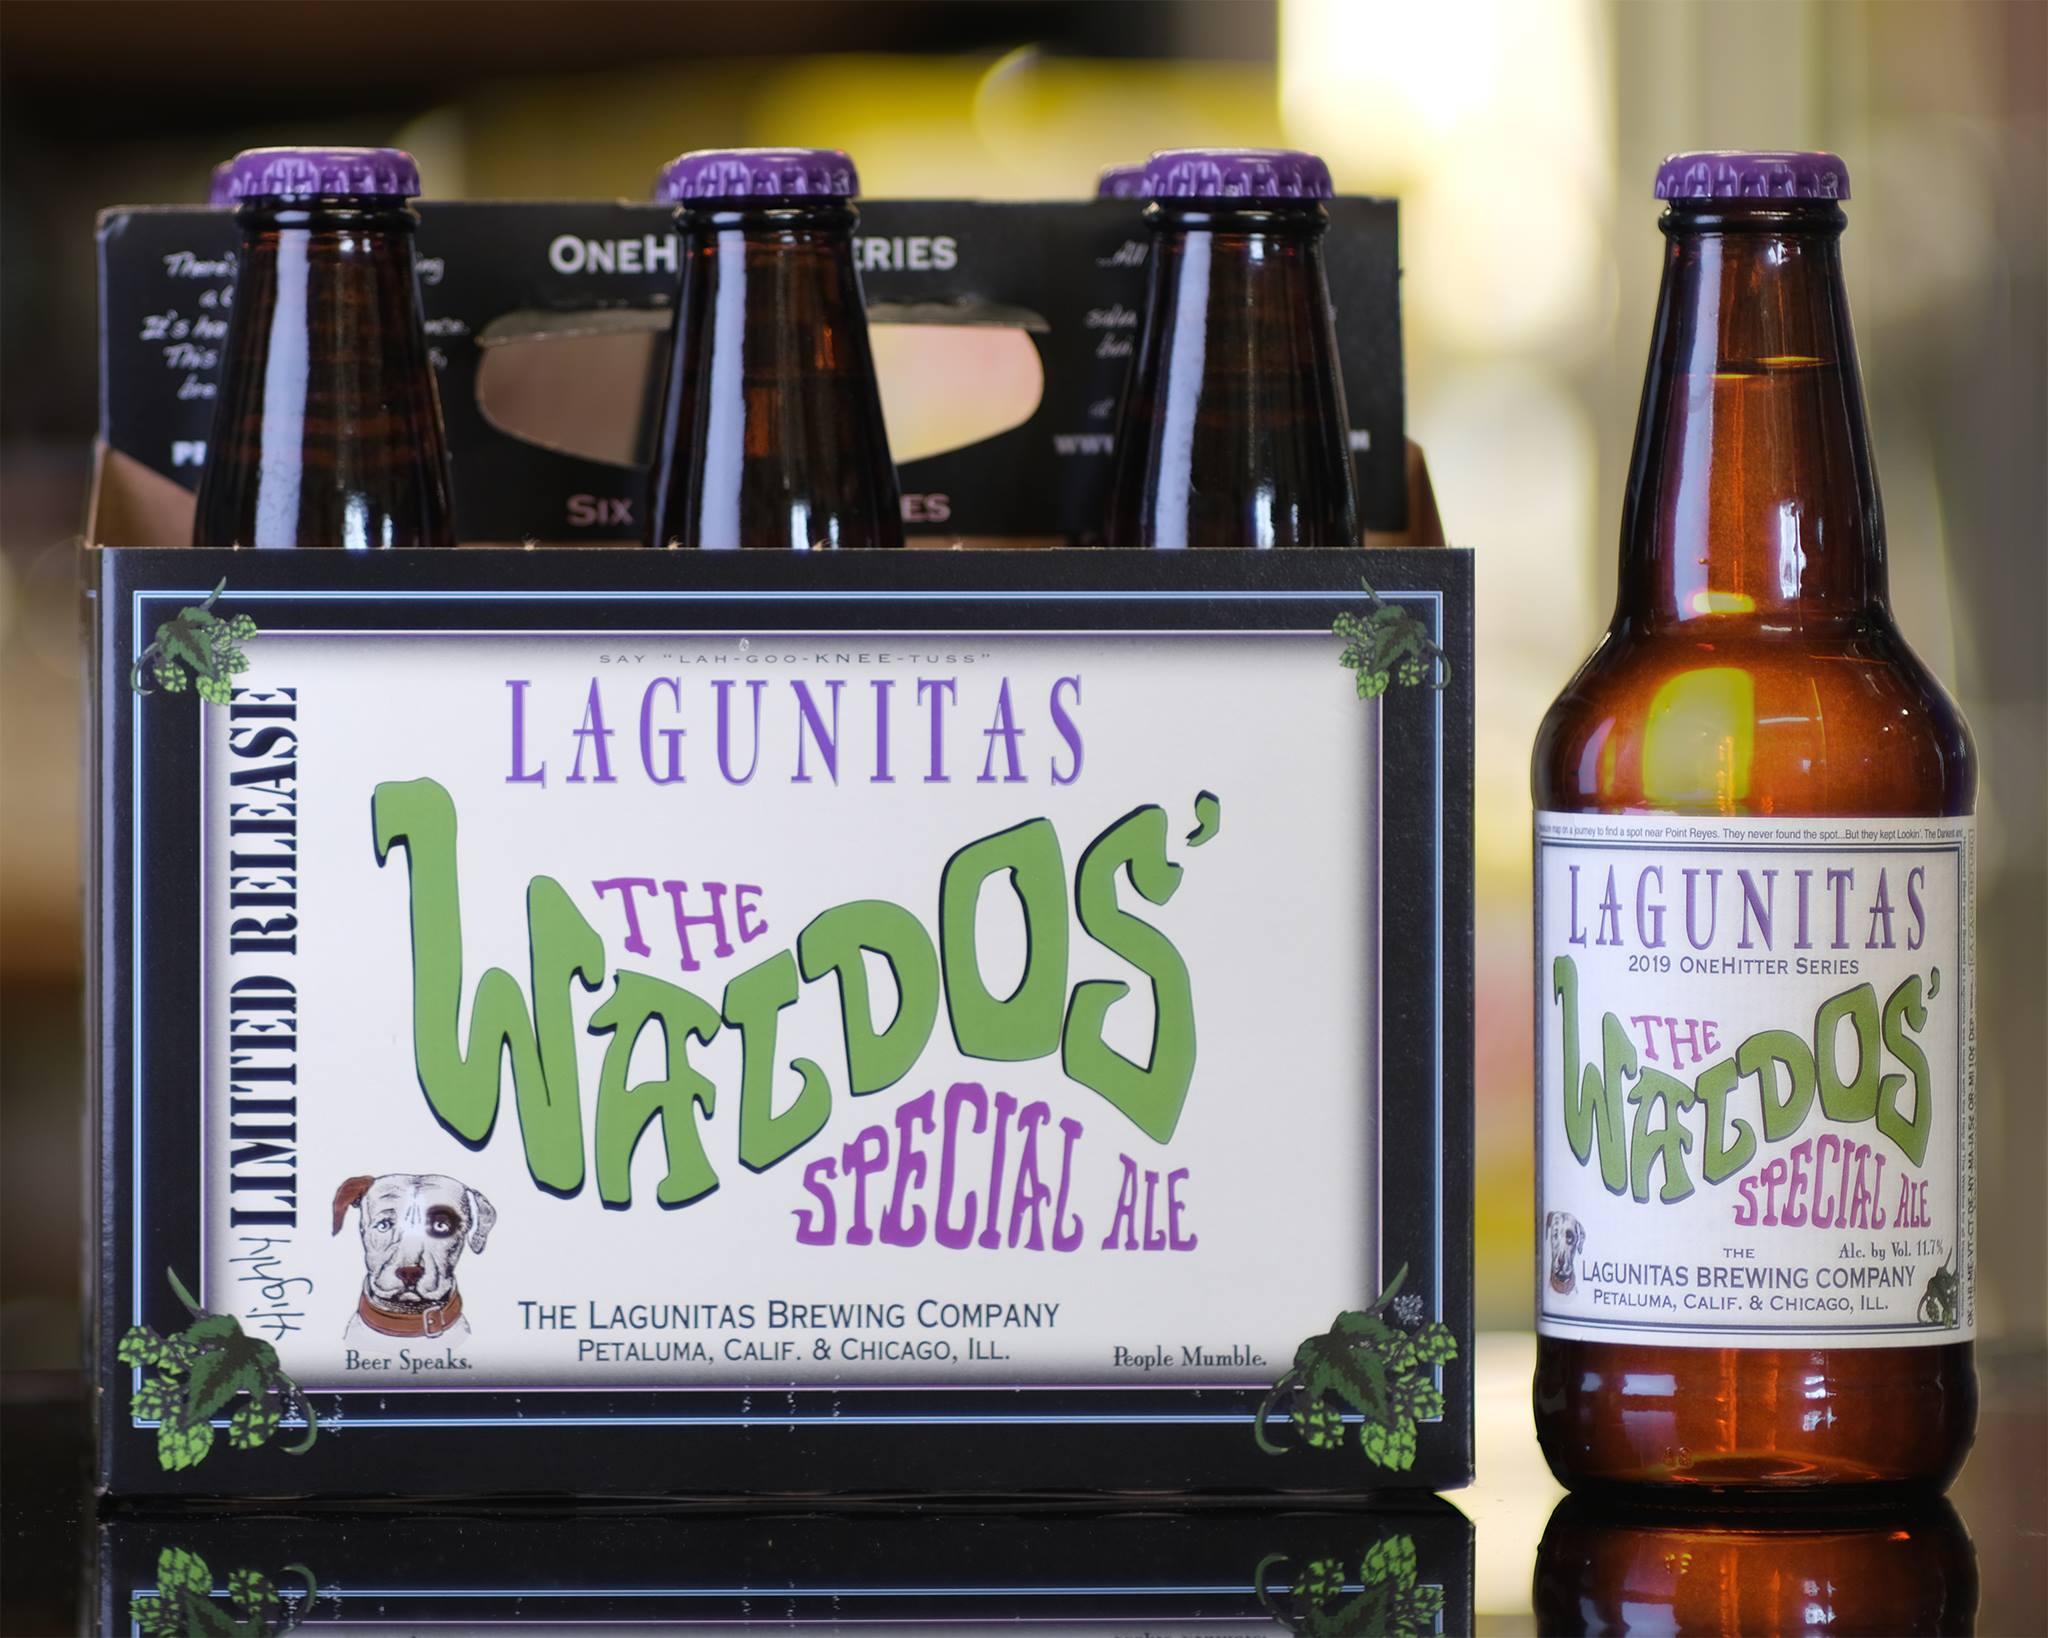 The Waldos' Special Ale Lagunitas Brewin